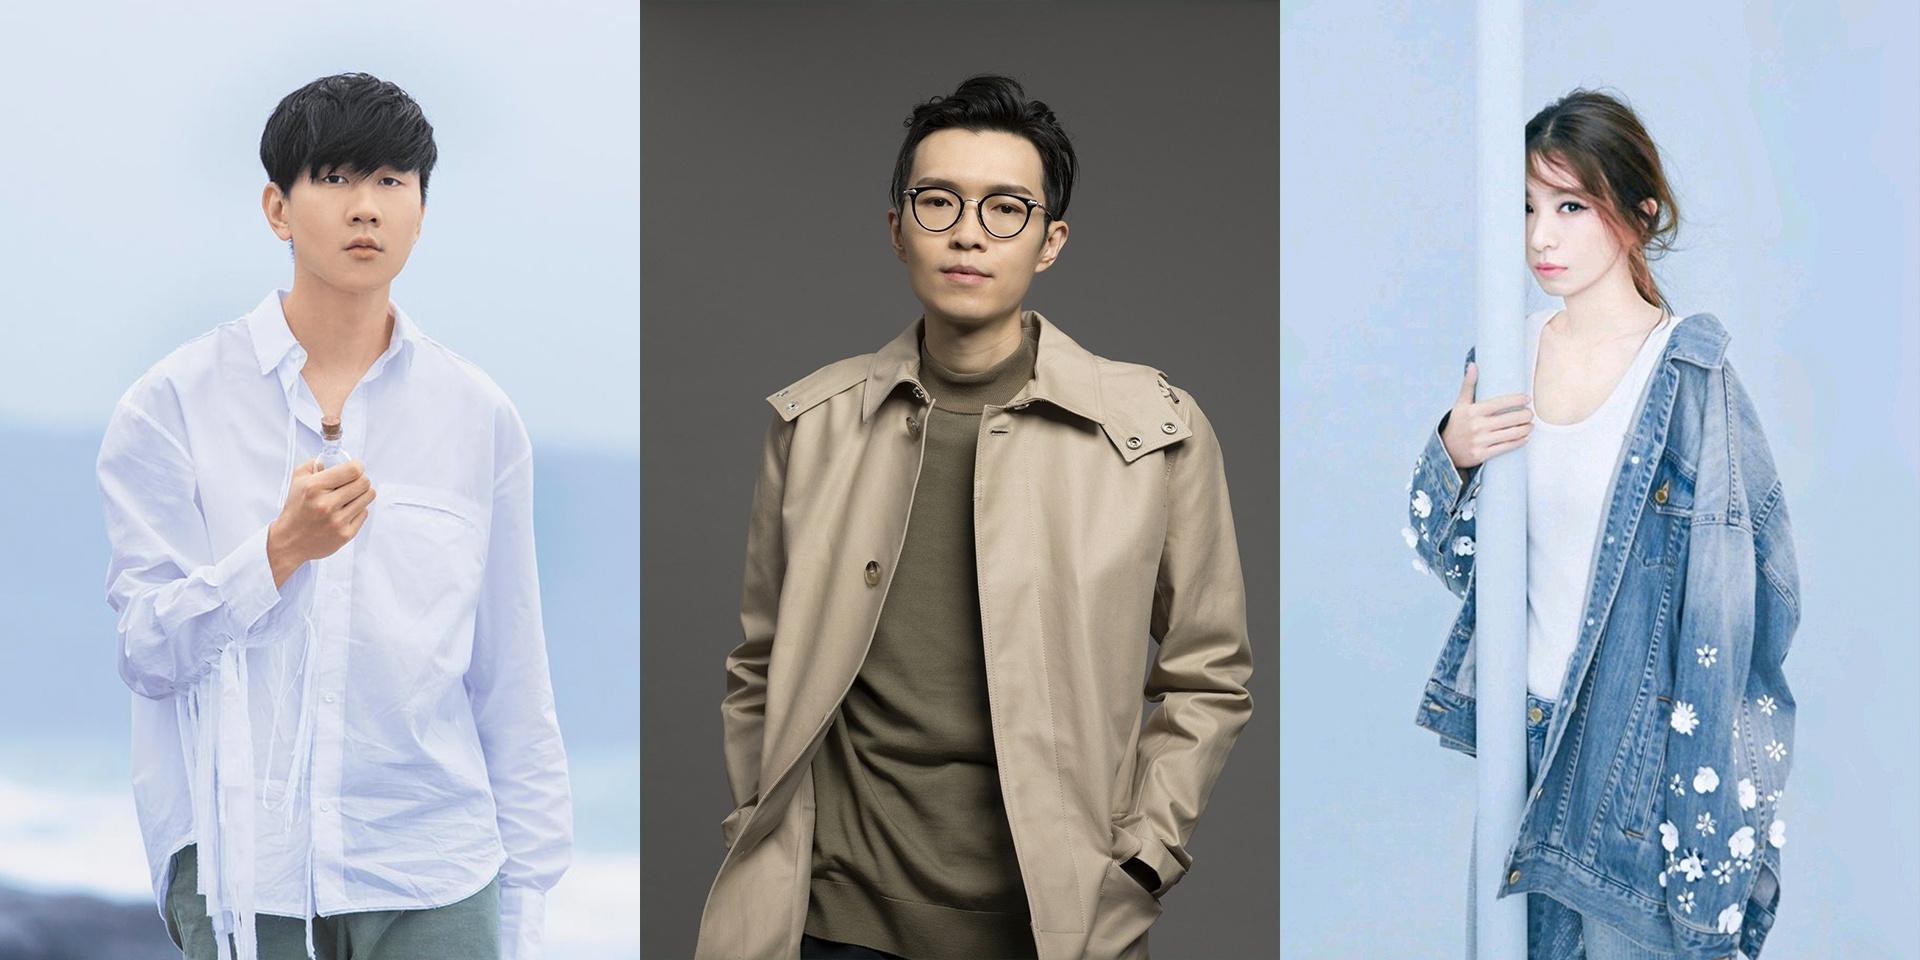 林俊杰、方大同、田馥甄:上两周哪些歌手发行了新歌